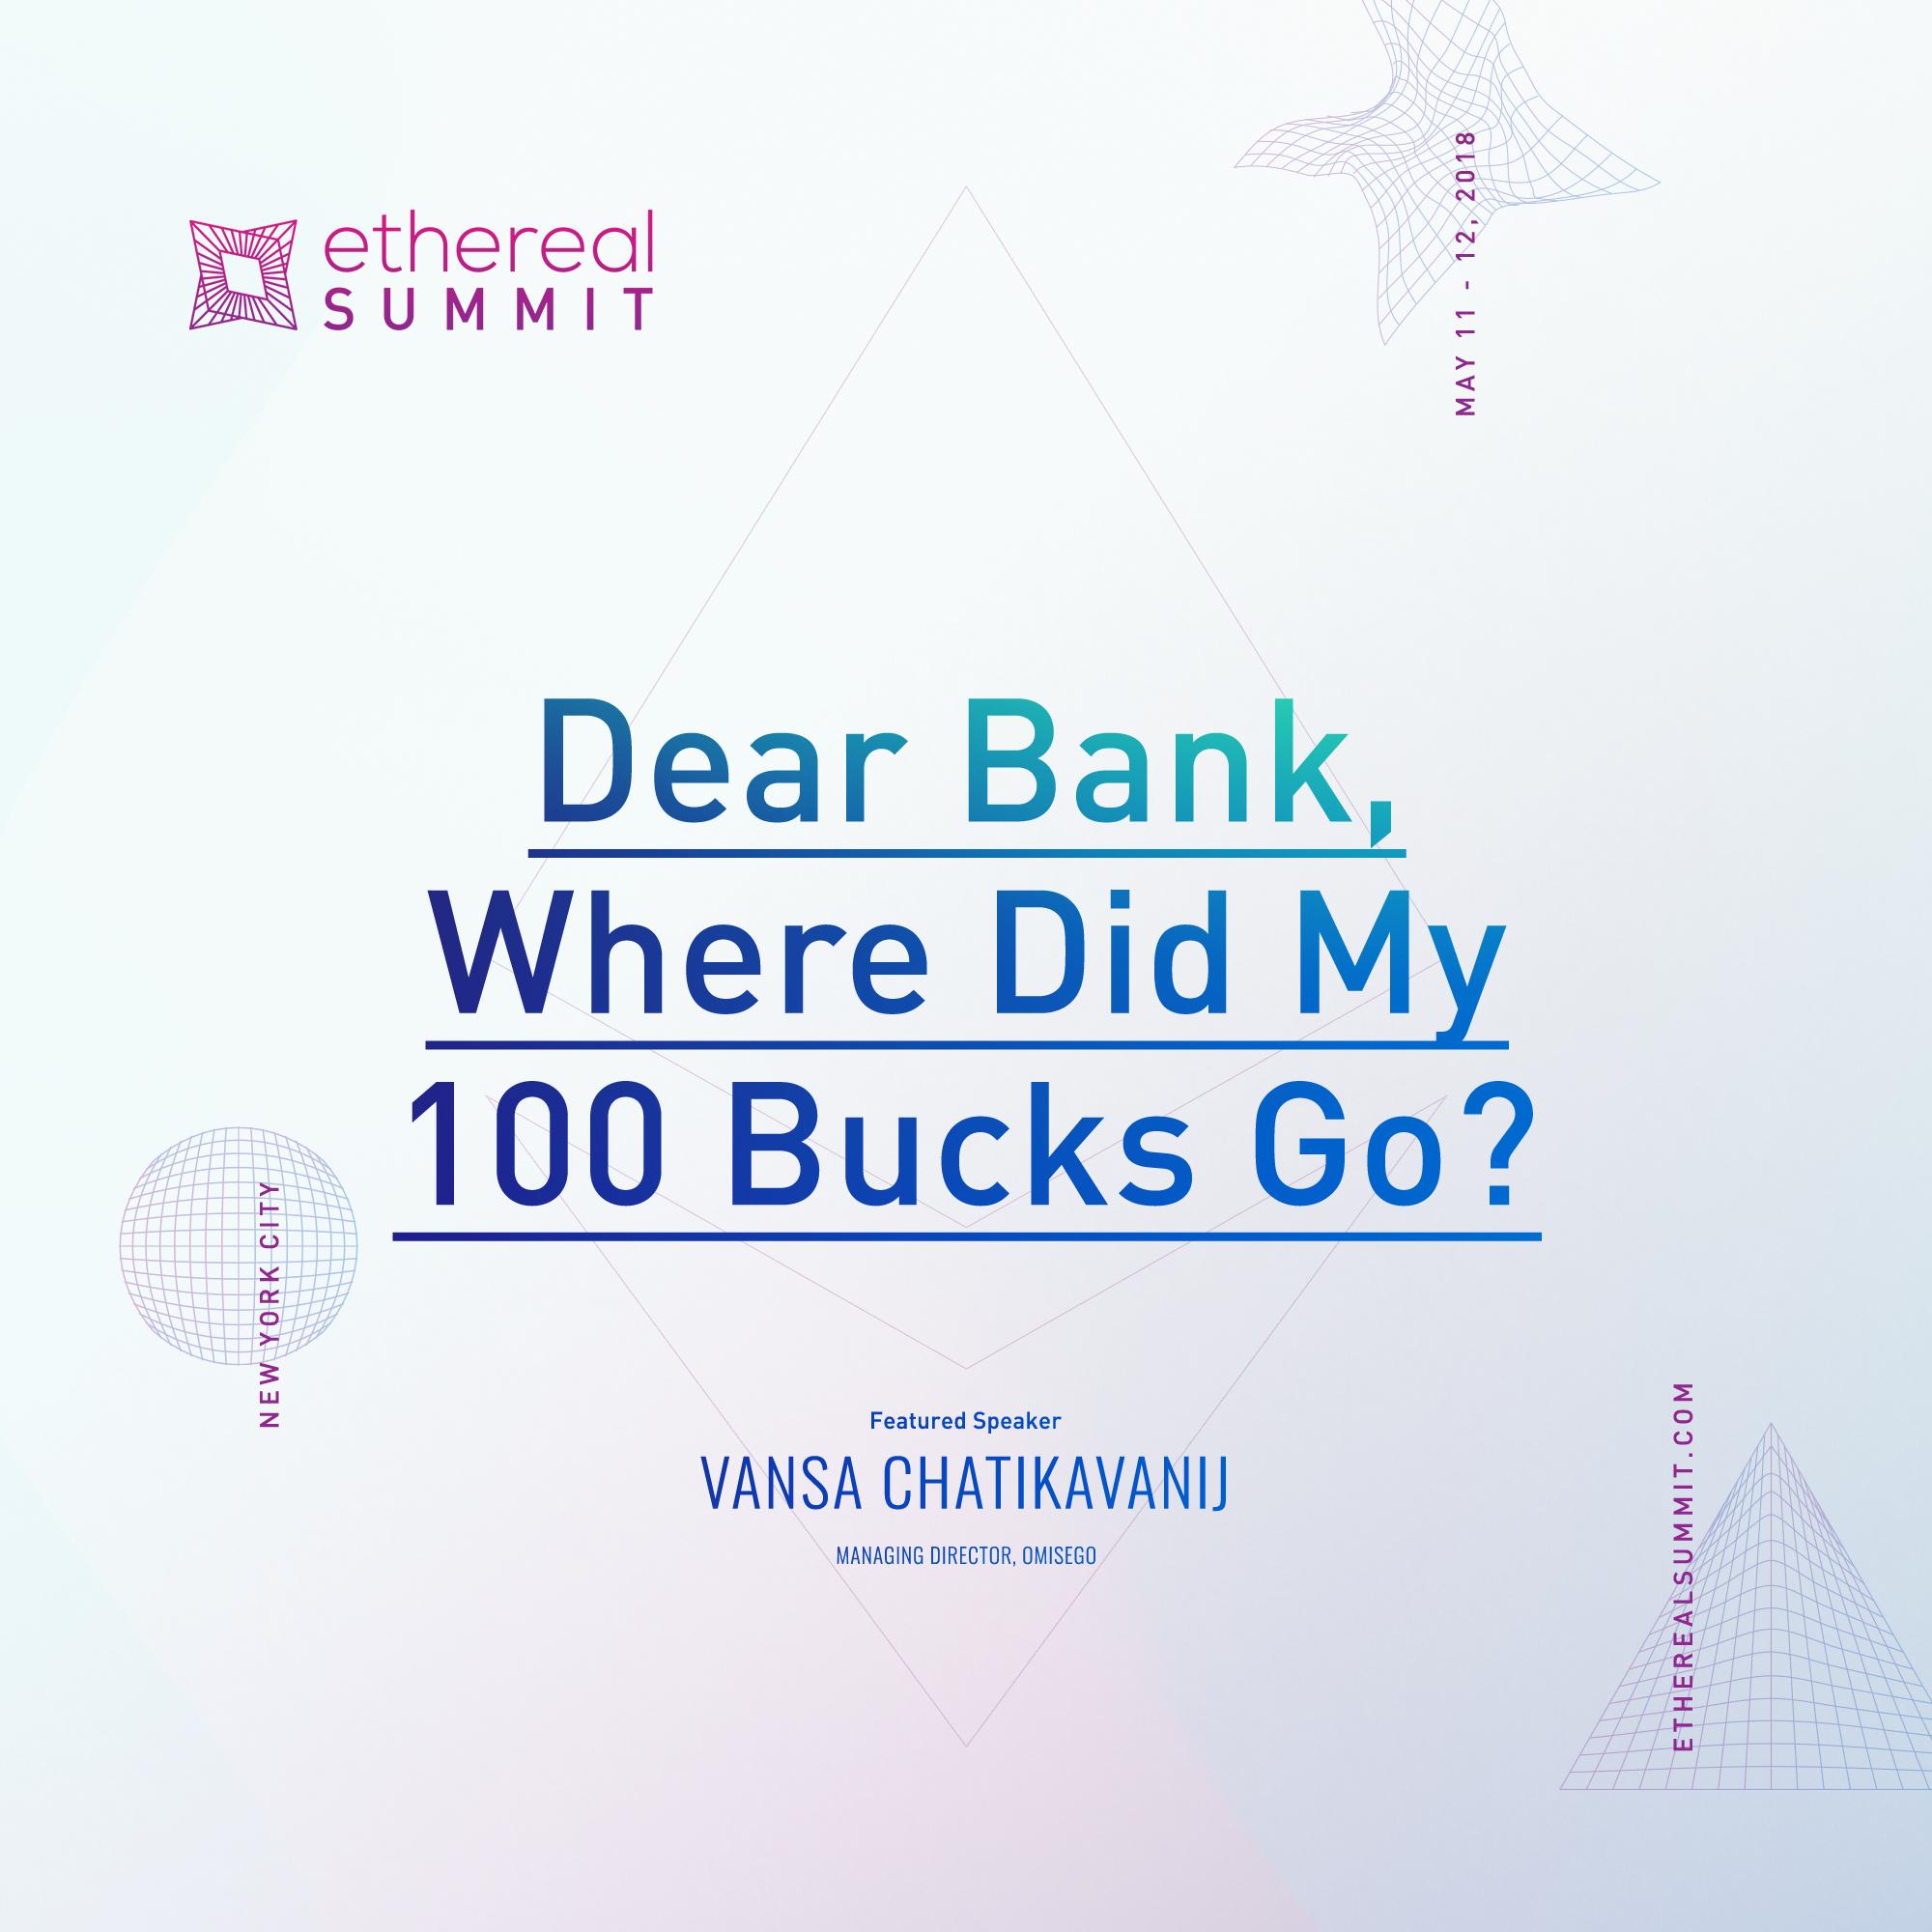 Dear Bank, Where Did My 100 Bucks Go?